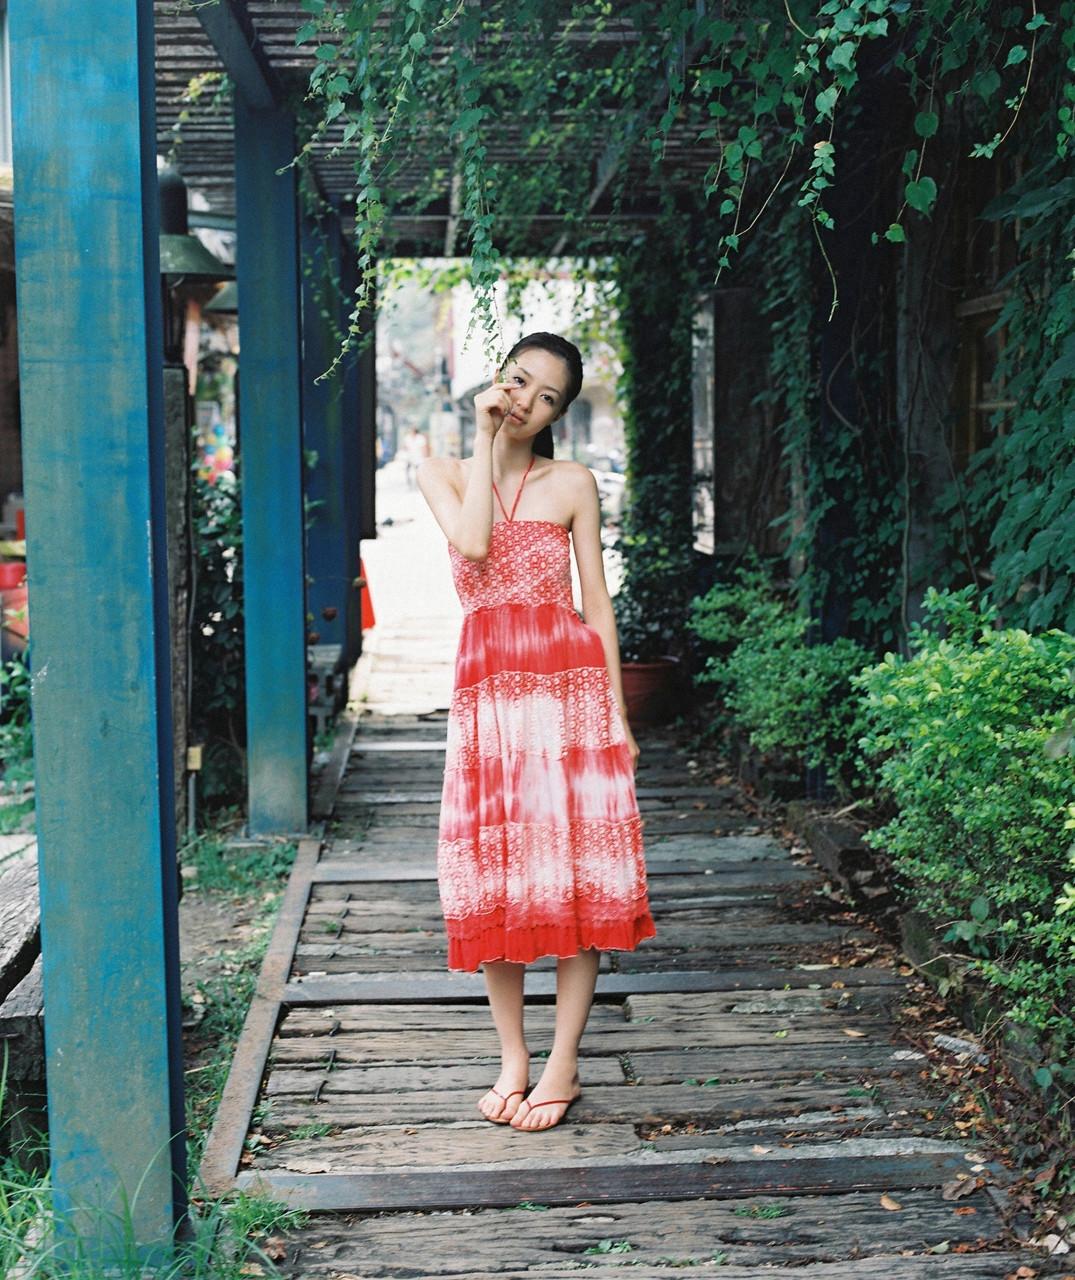 逢沢りな「さよなら、美少女」グラビア 09-04